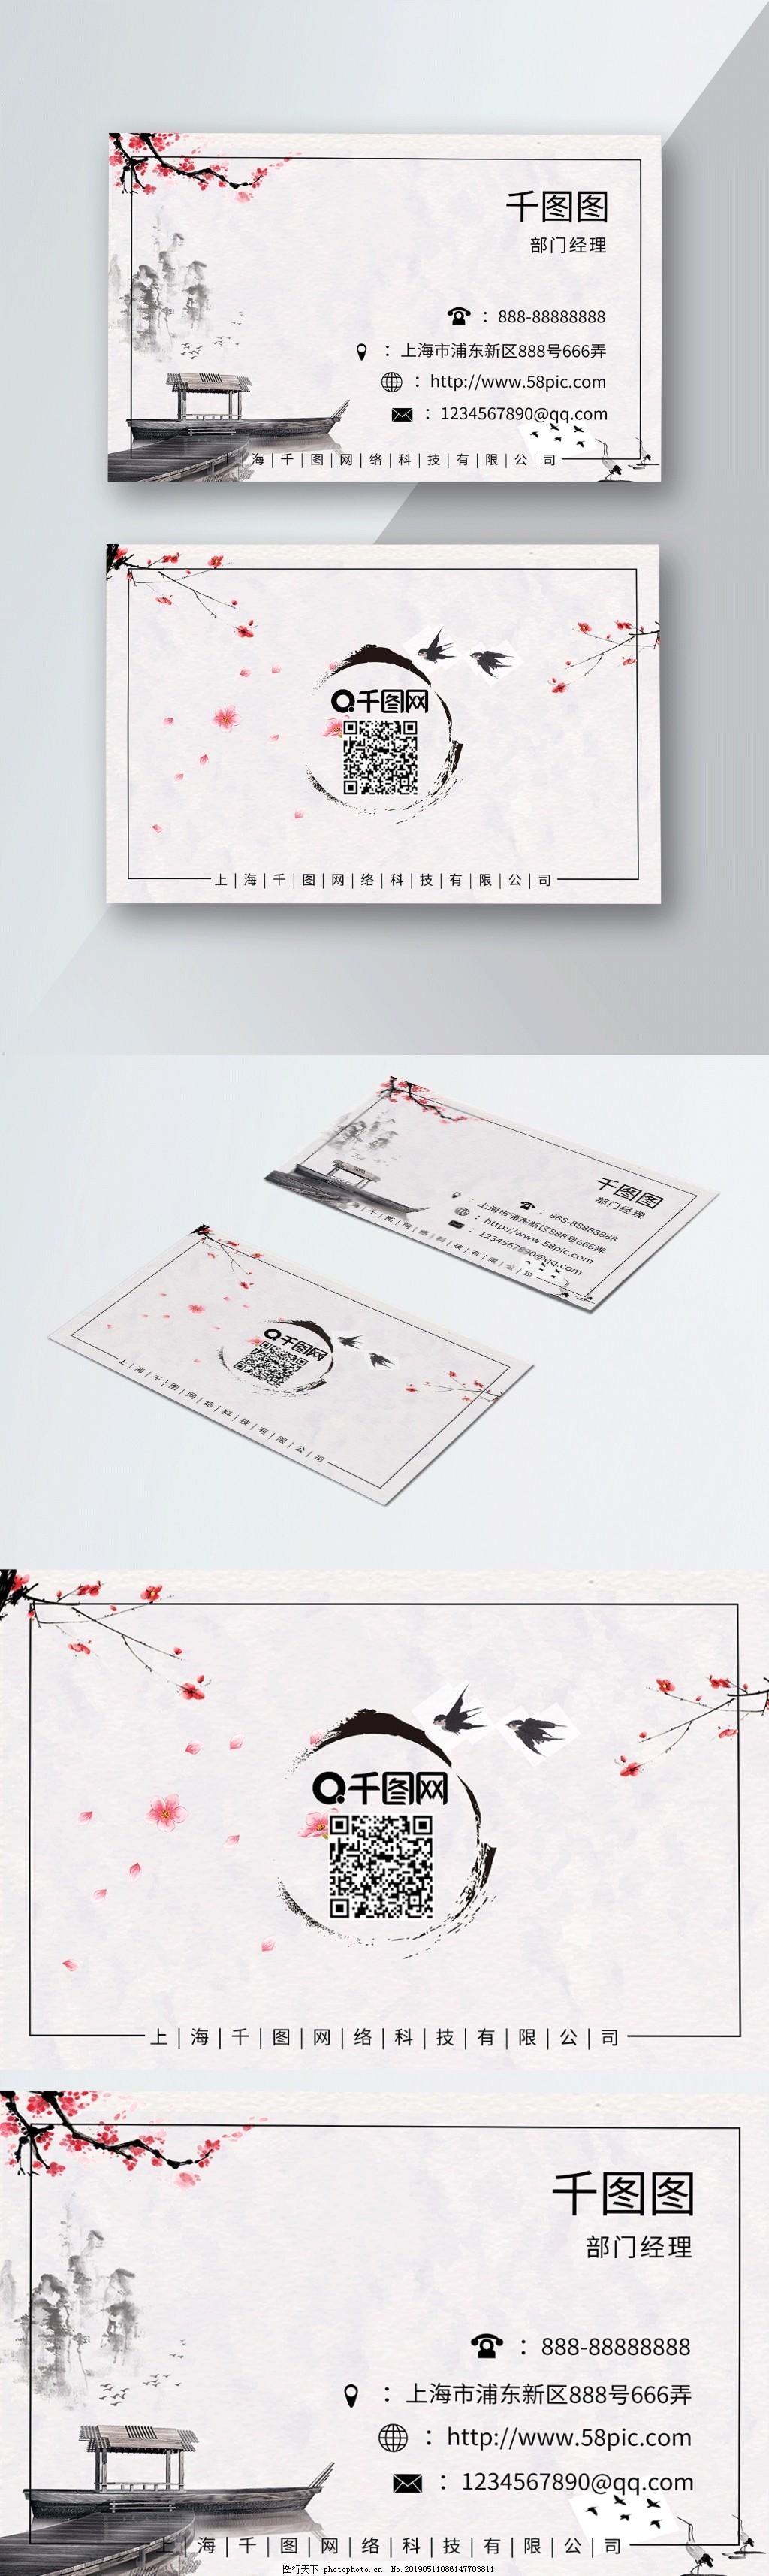 中国风复古水彩画水墨山水画古风商务名片,通用,名片模板下载,名片素材,教育,名片卡片,茶